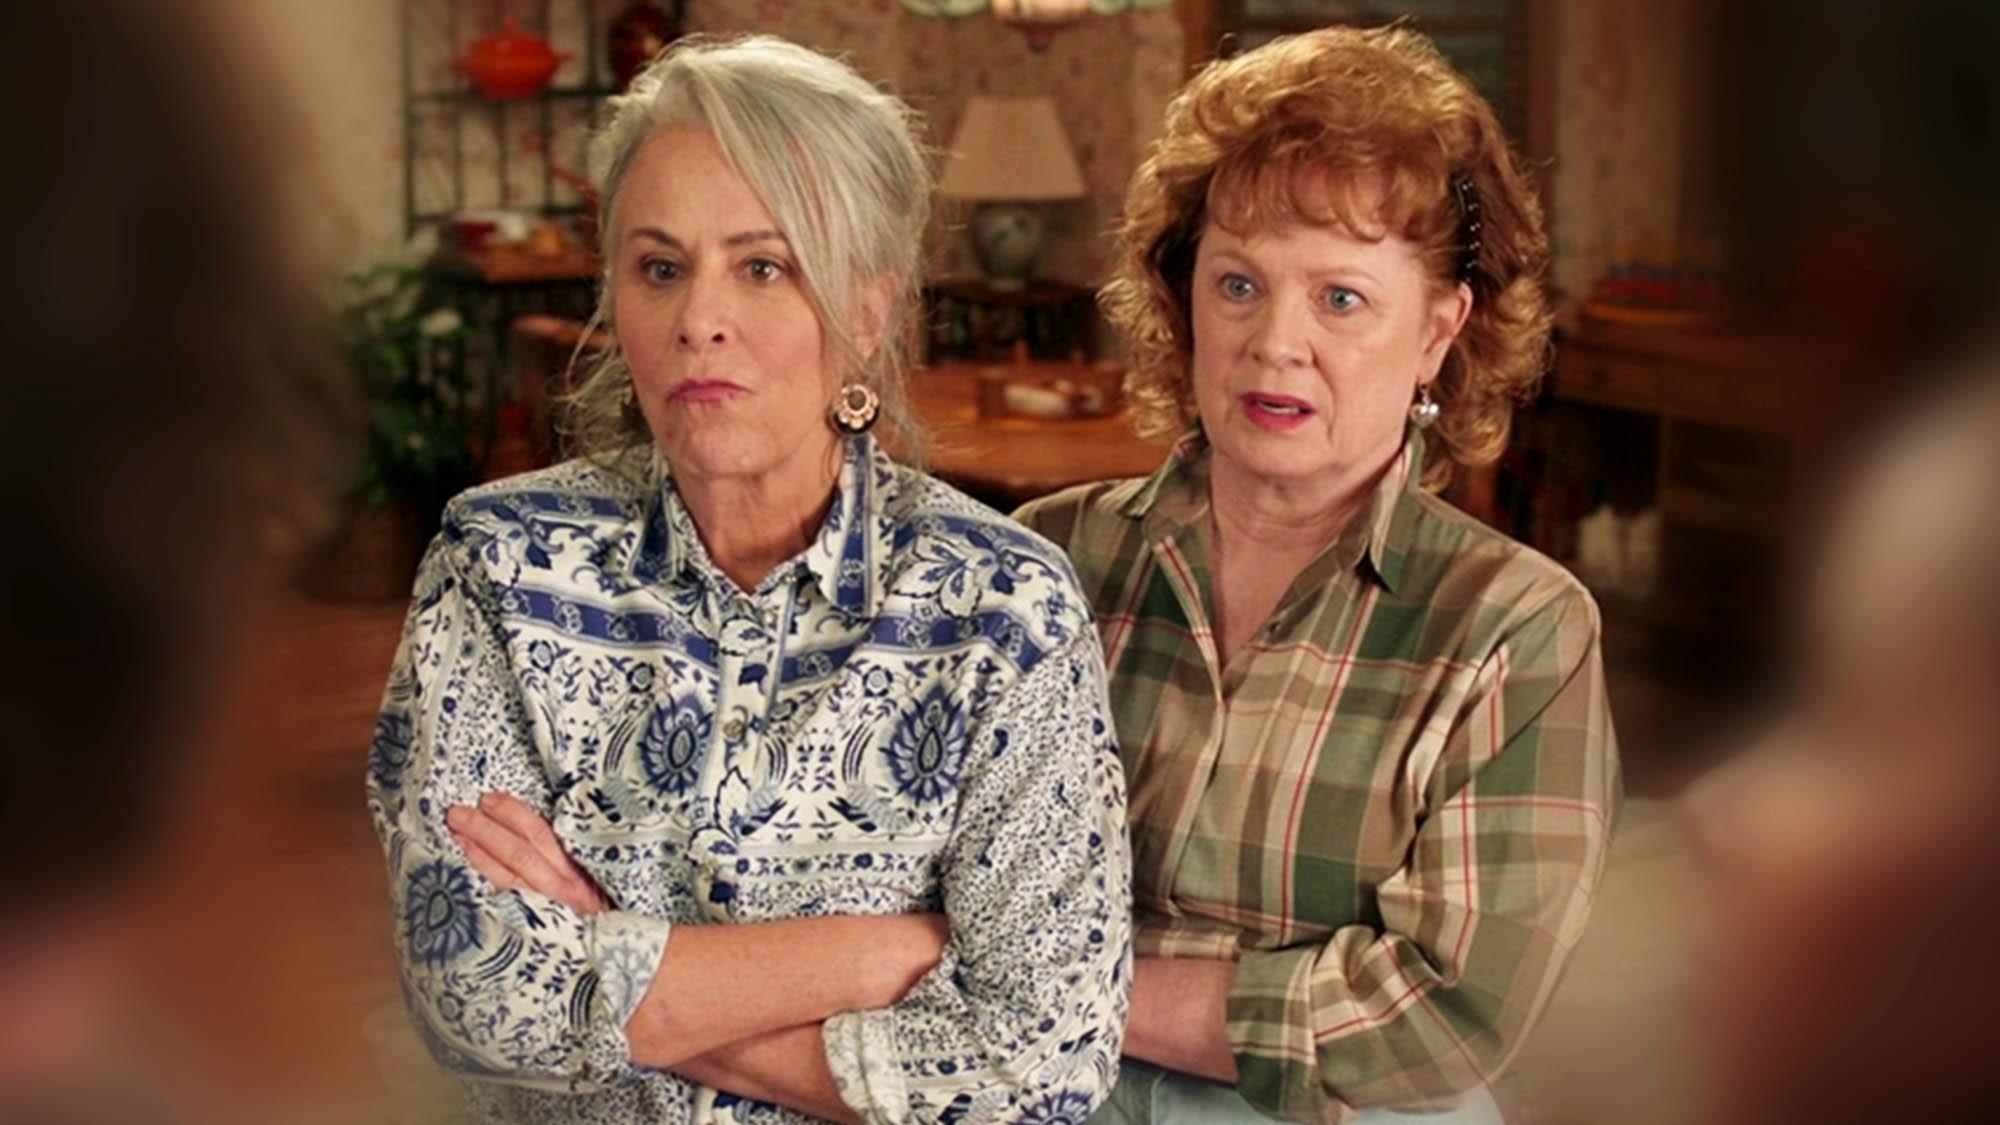 Jane Kaczmarek et Meagan Fay dans l'épisode 14 de la saison 1 de